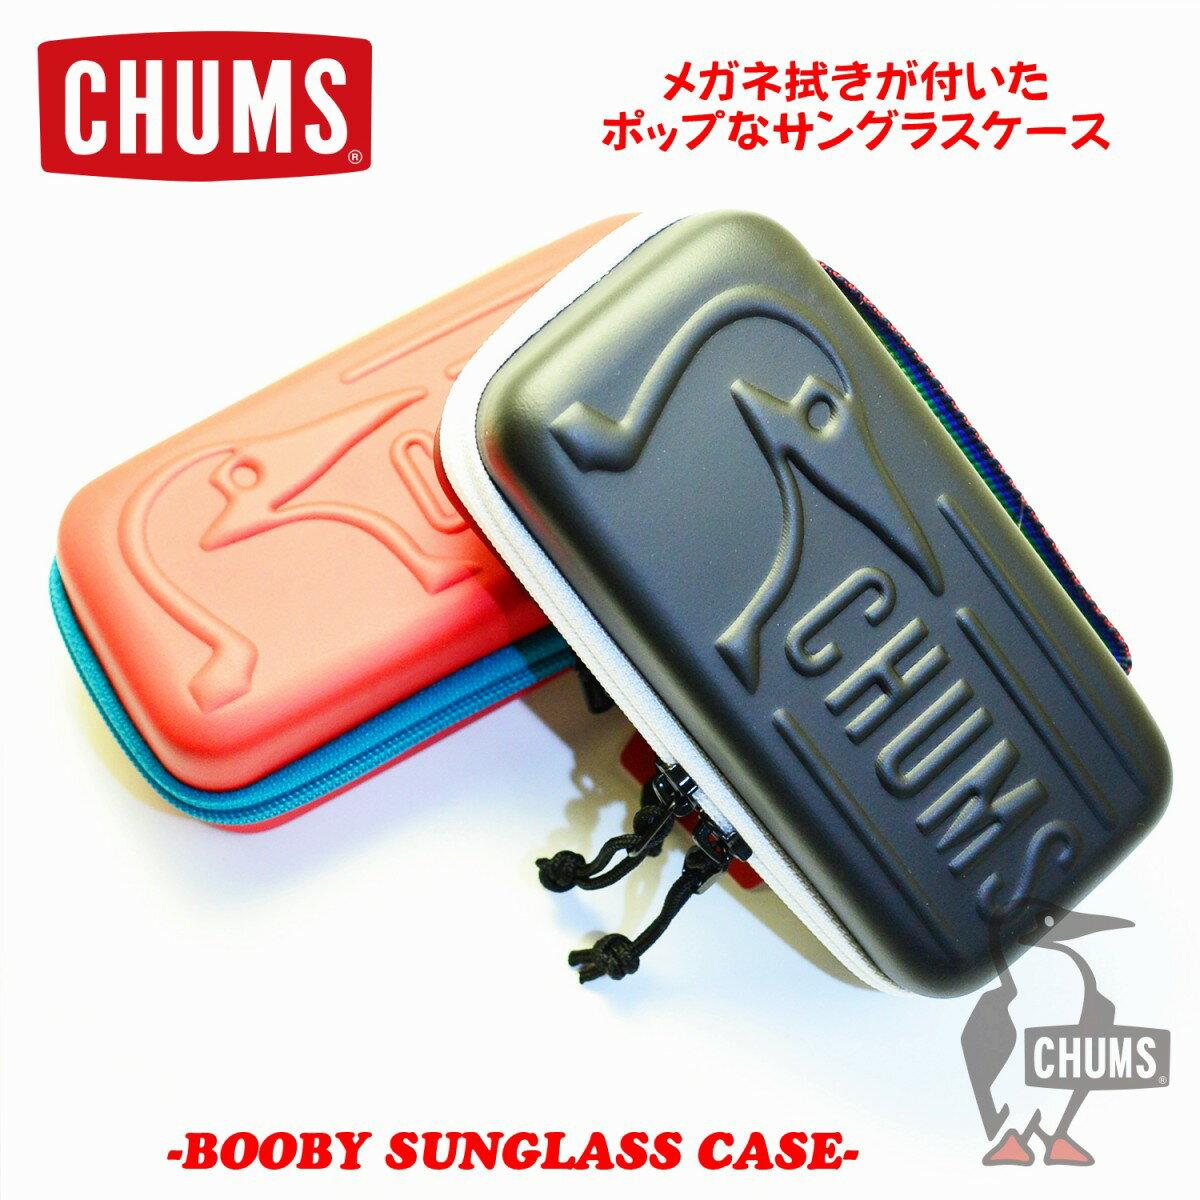 チャムス CHUMS メガネ&サングラス アイウェアケース「クリーナークロス付き」